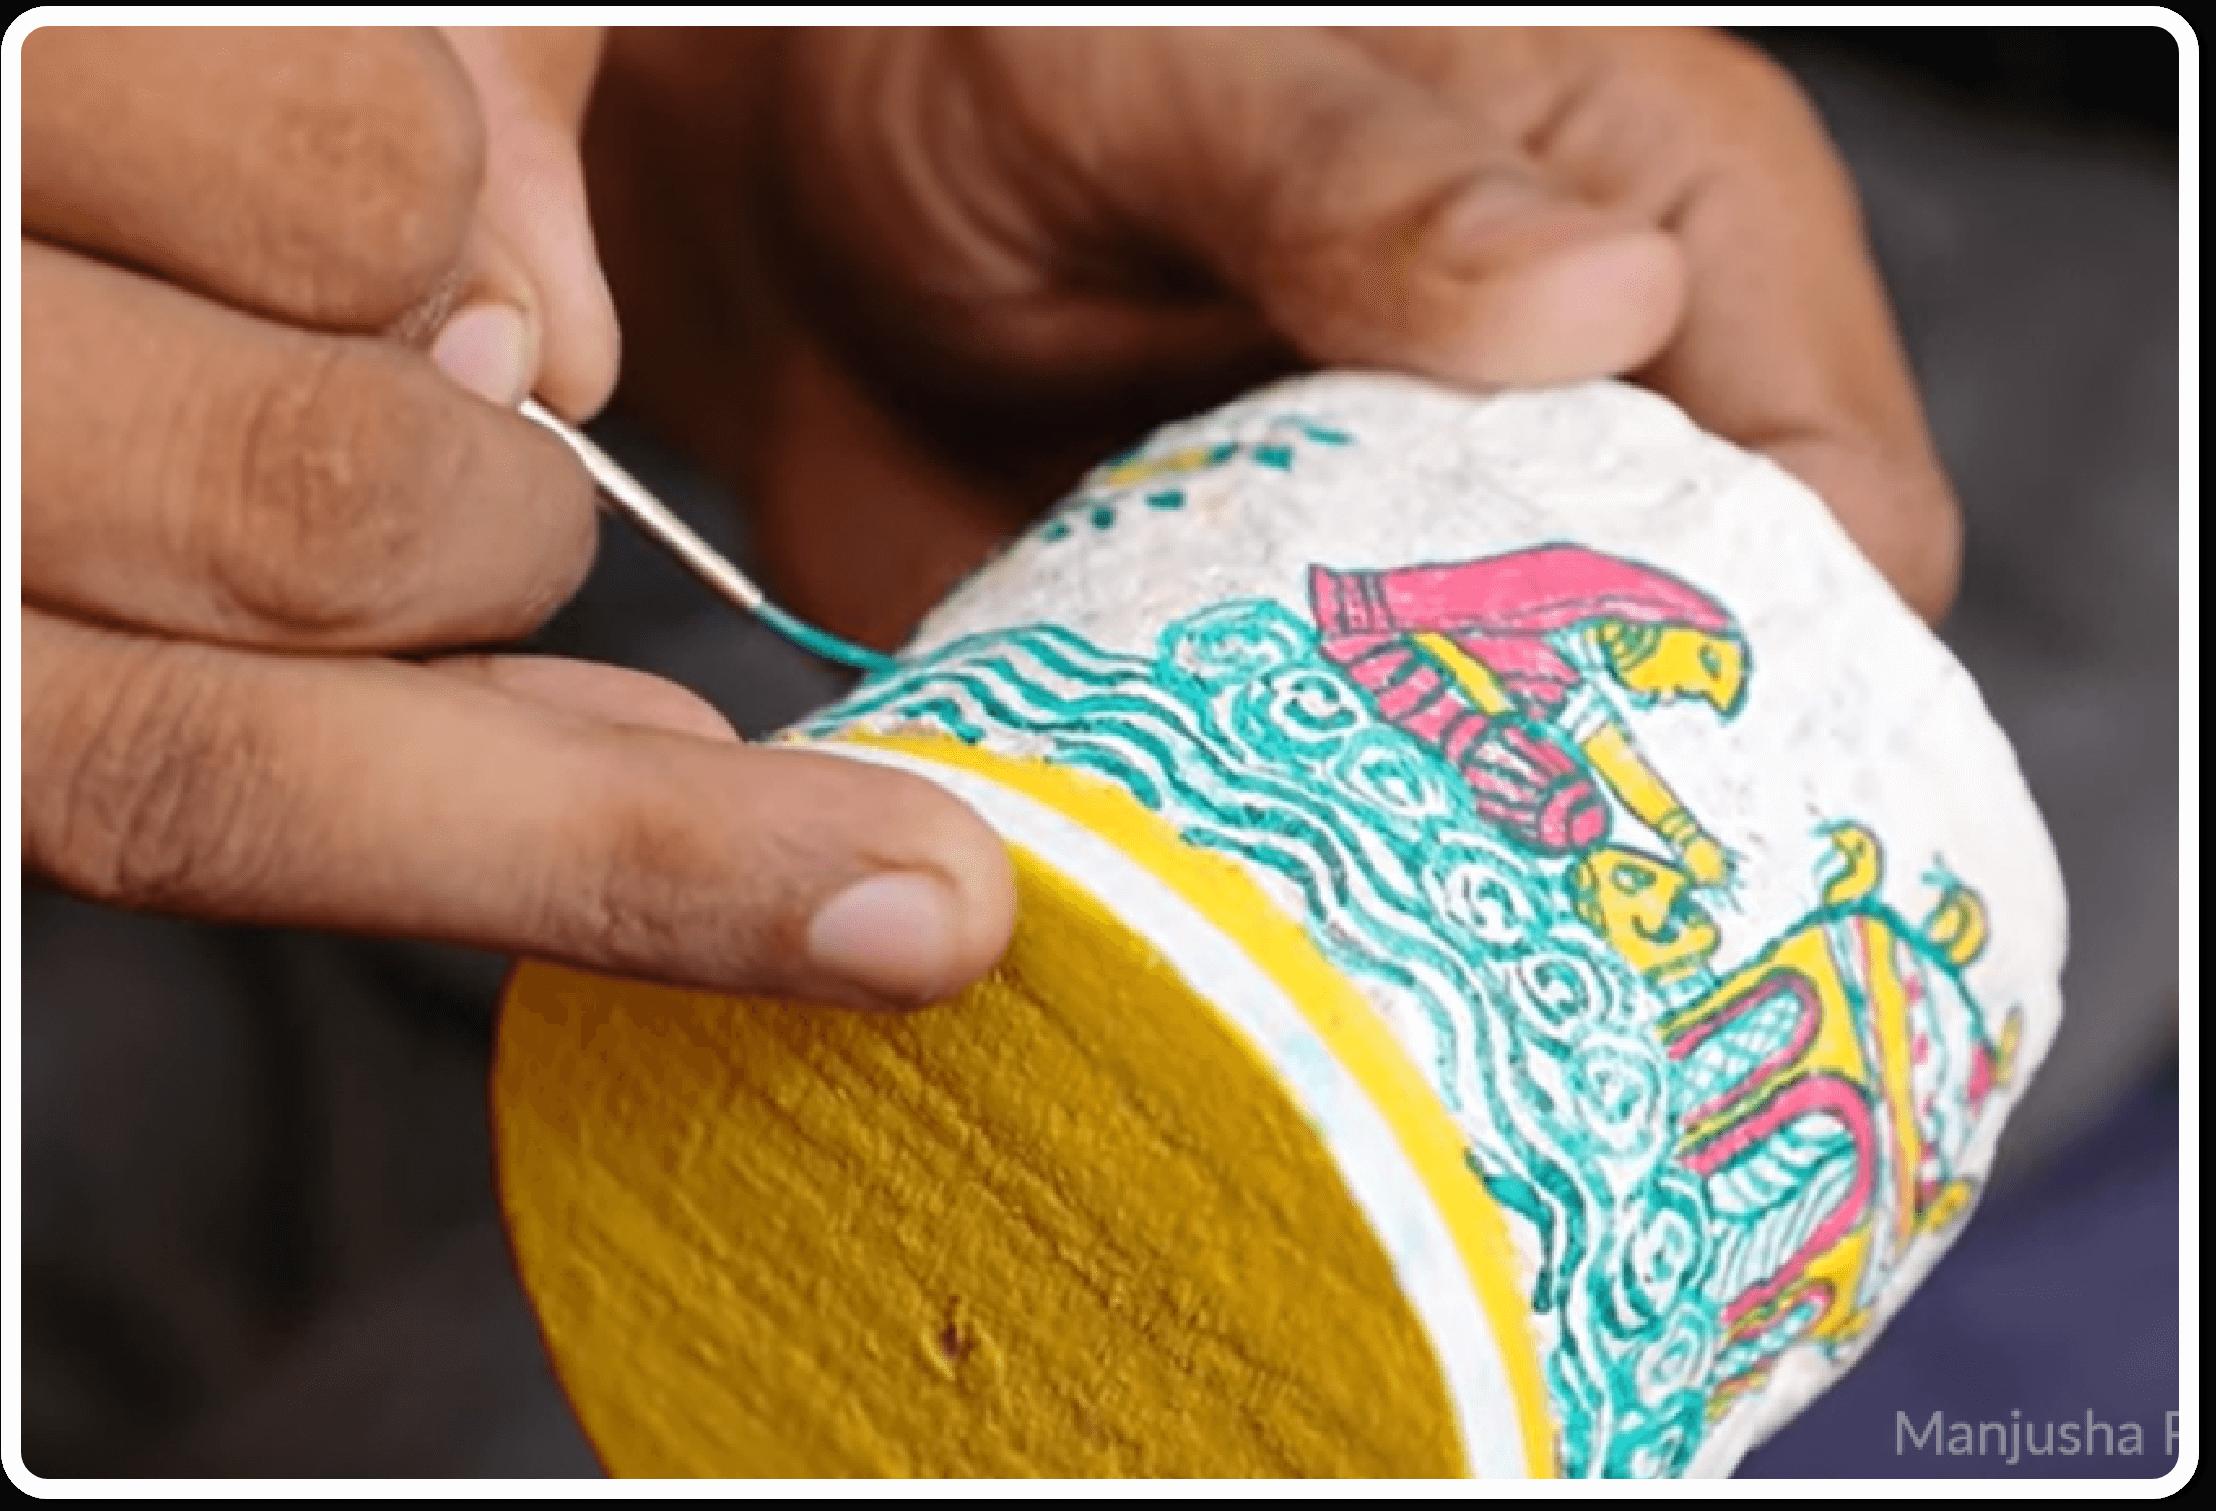 Manjusha Painting